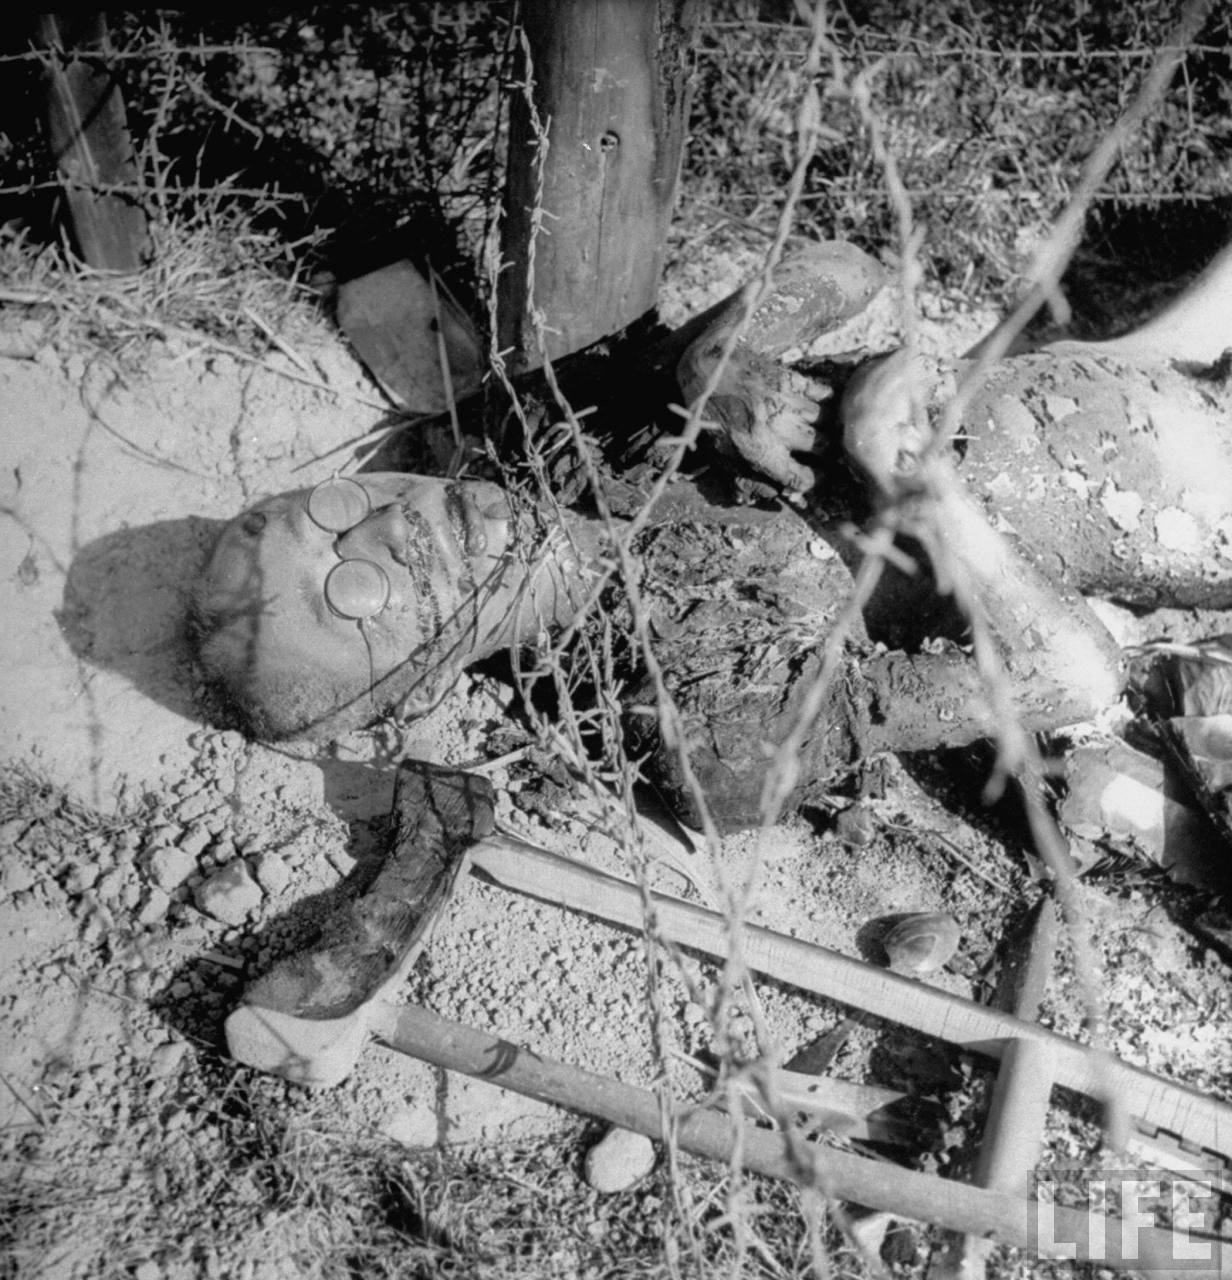 1945. A lengyel Erla munkatáborban egy szökni próbáló rabot lángszóróval gyilkoltak meg..jpg